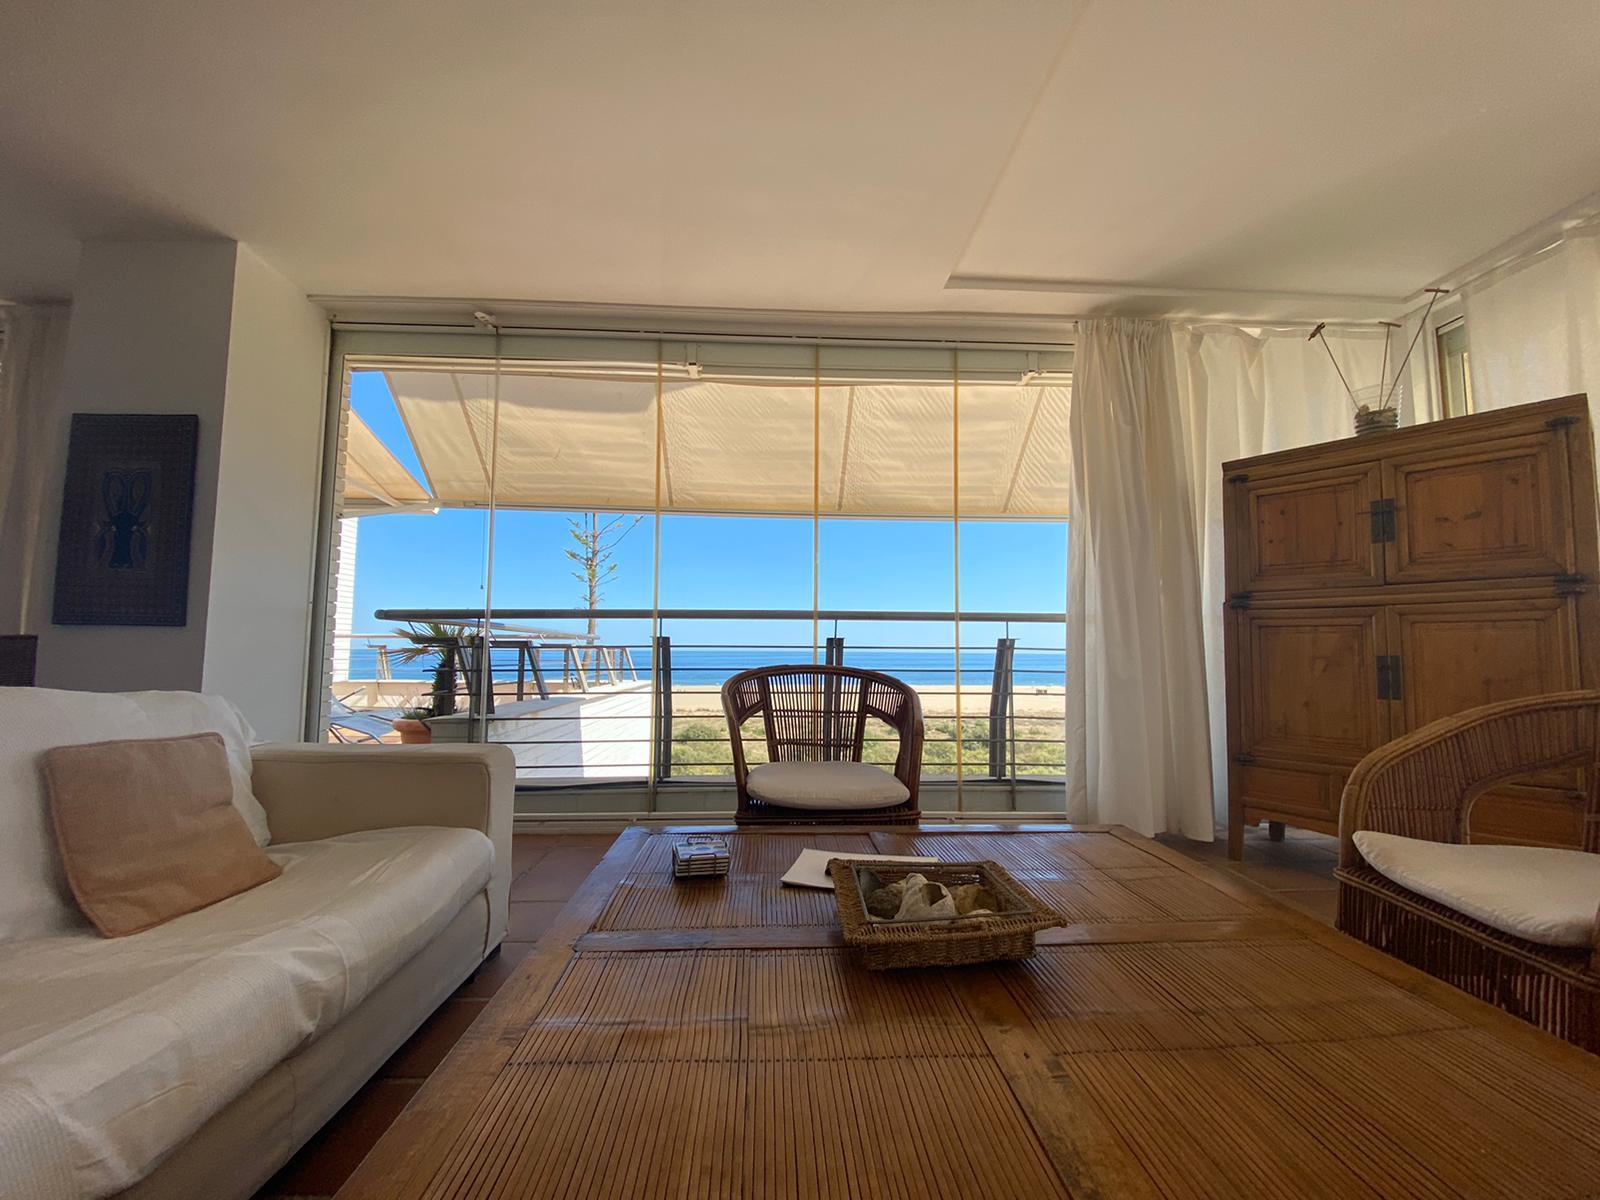 Imagen 4 del Apartamento Turístico, Ático 3 Levante, Frontal (4d+2b), Punta del Moral (HUELVA), Paseo de la Cruz nº22